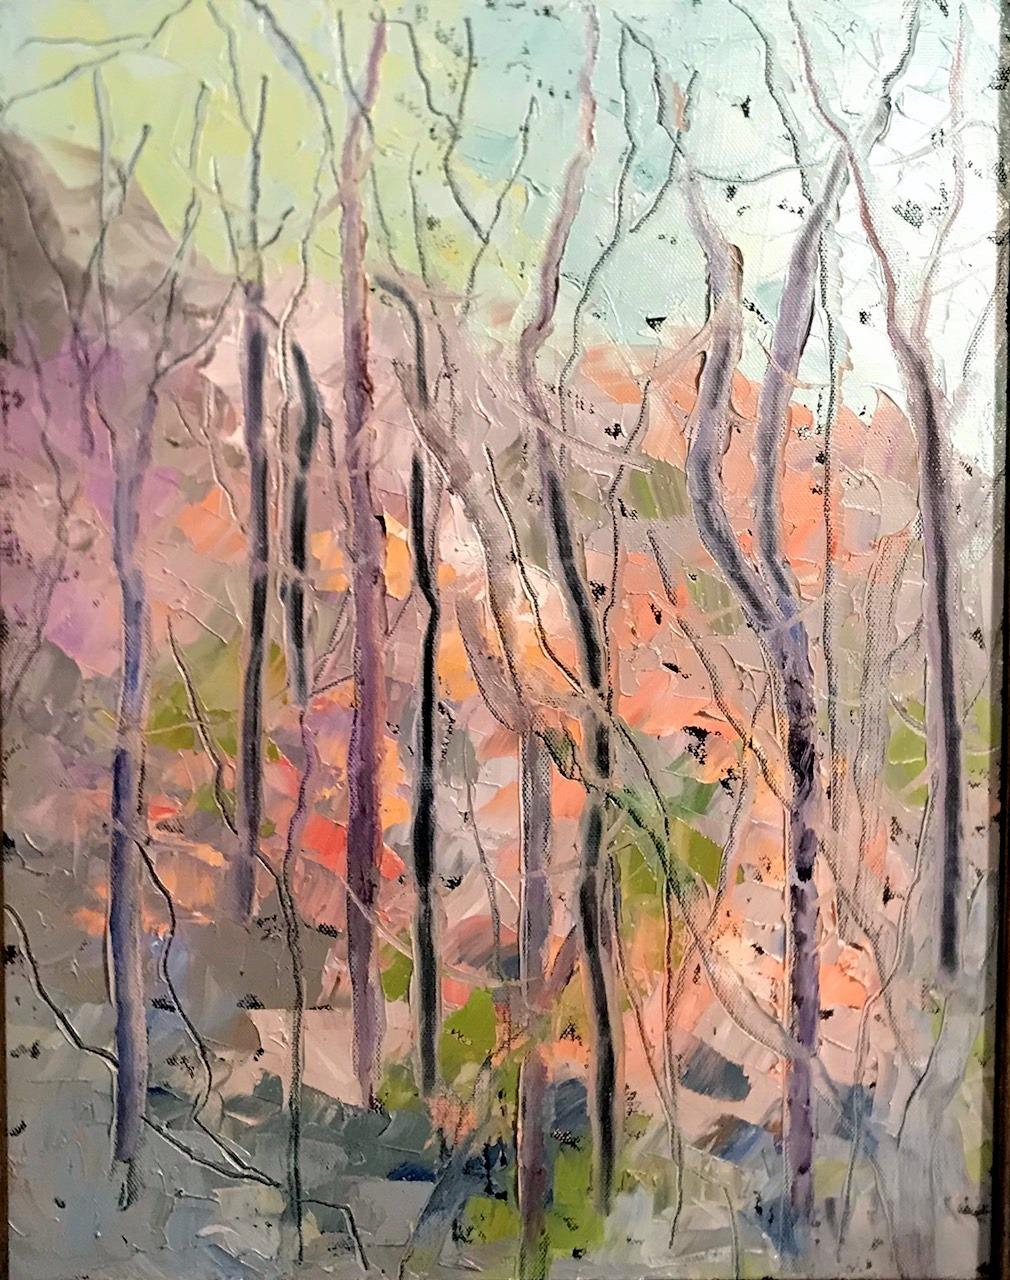 Impression Artist Gayle Barber at bella arte gallery